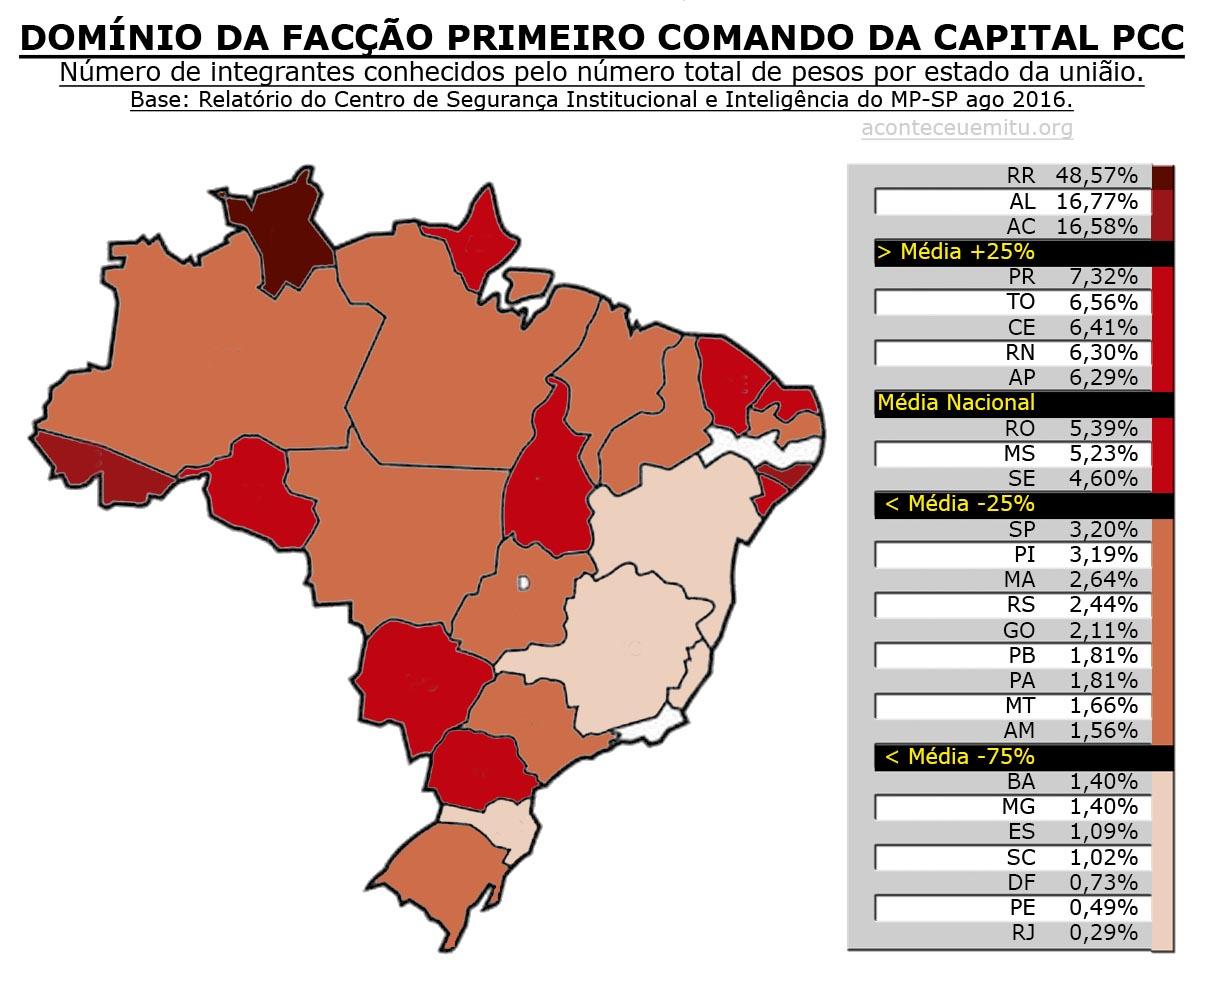 Domínio da facção PCC 1533 nos presídios brasileiros MP-SP